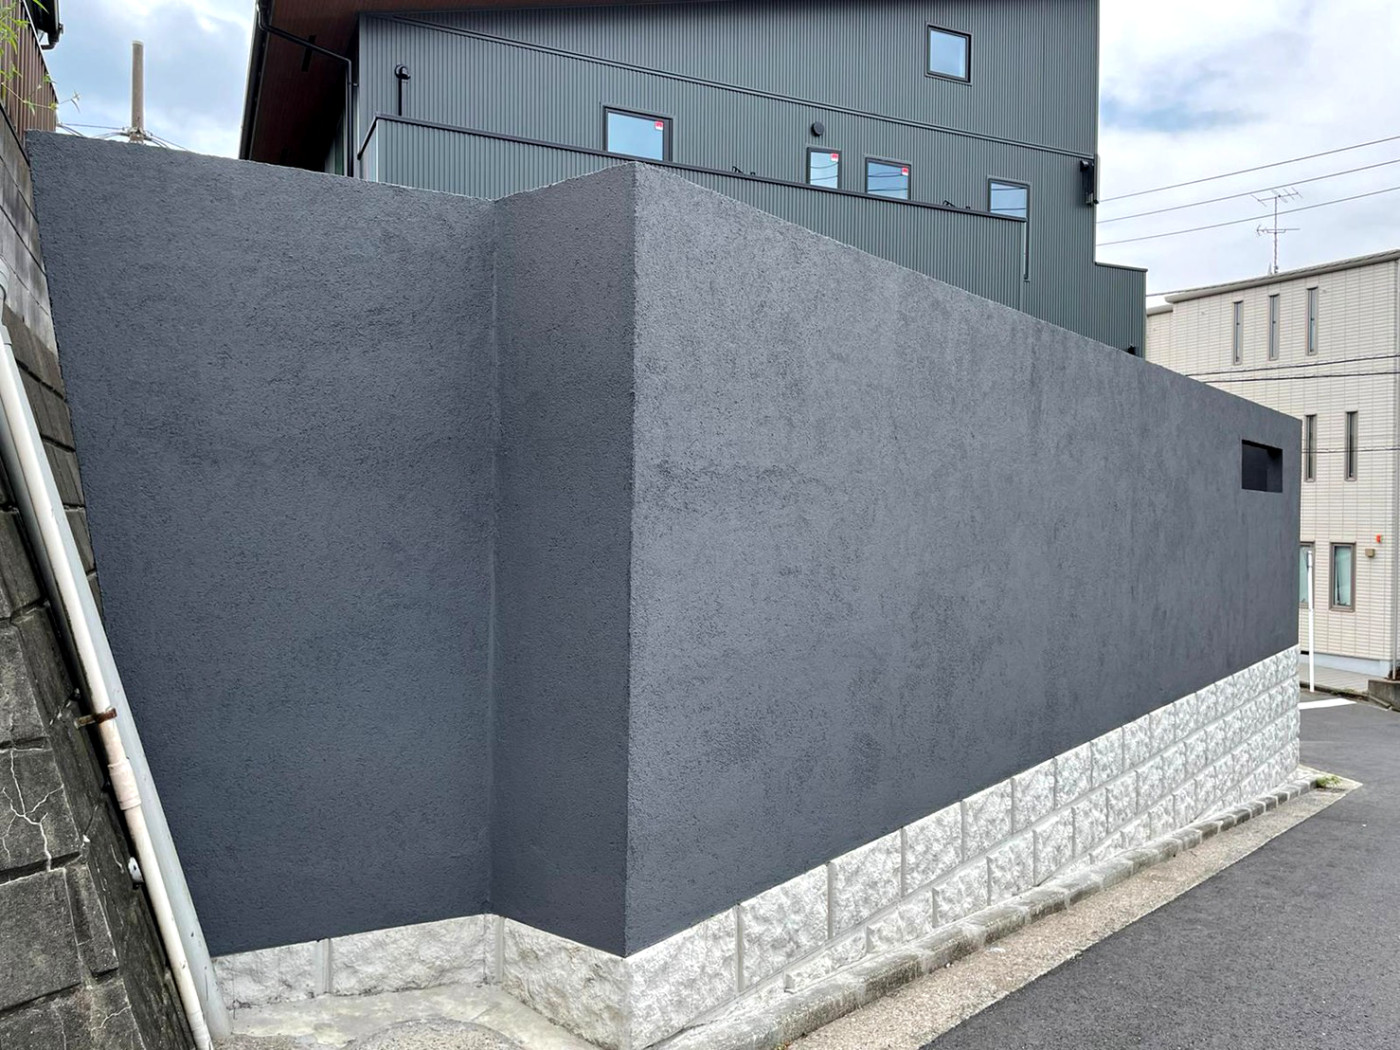 神奈川県 99WALL グランドアートウォール施工イメージ3330_05